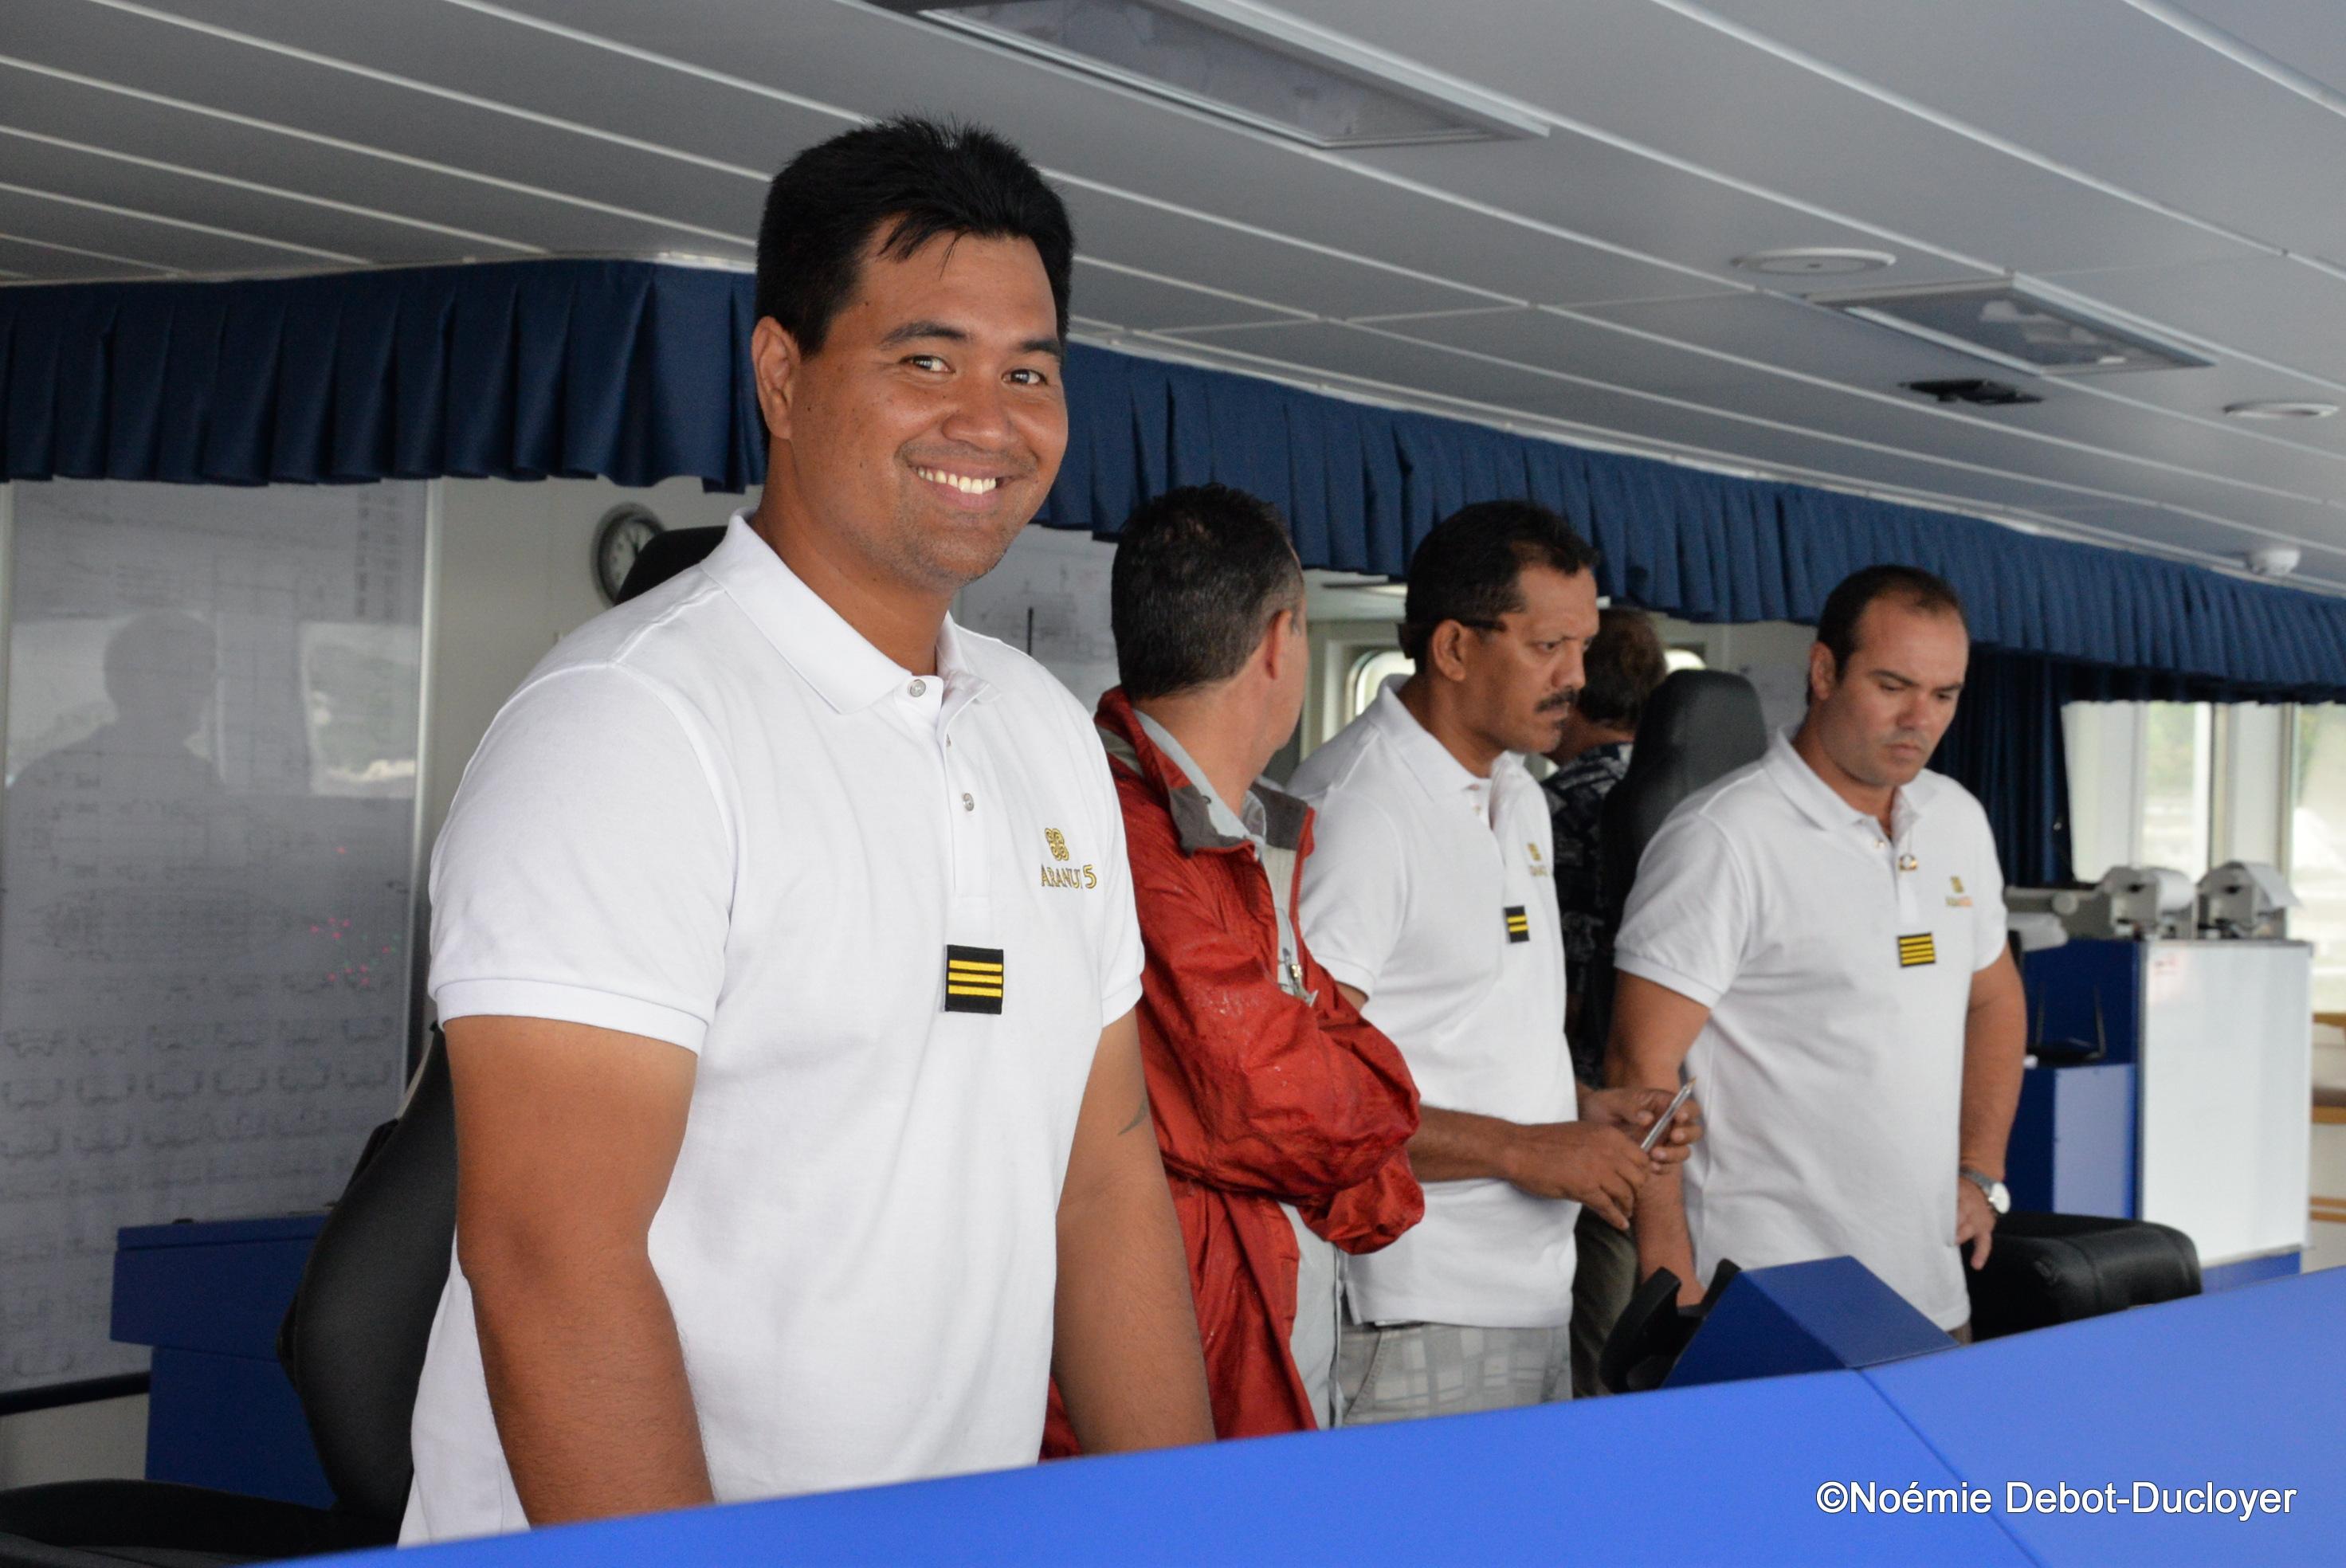 Le tourisme nautique : un secteur générateur d'emplois